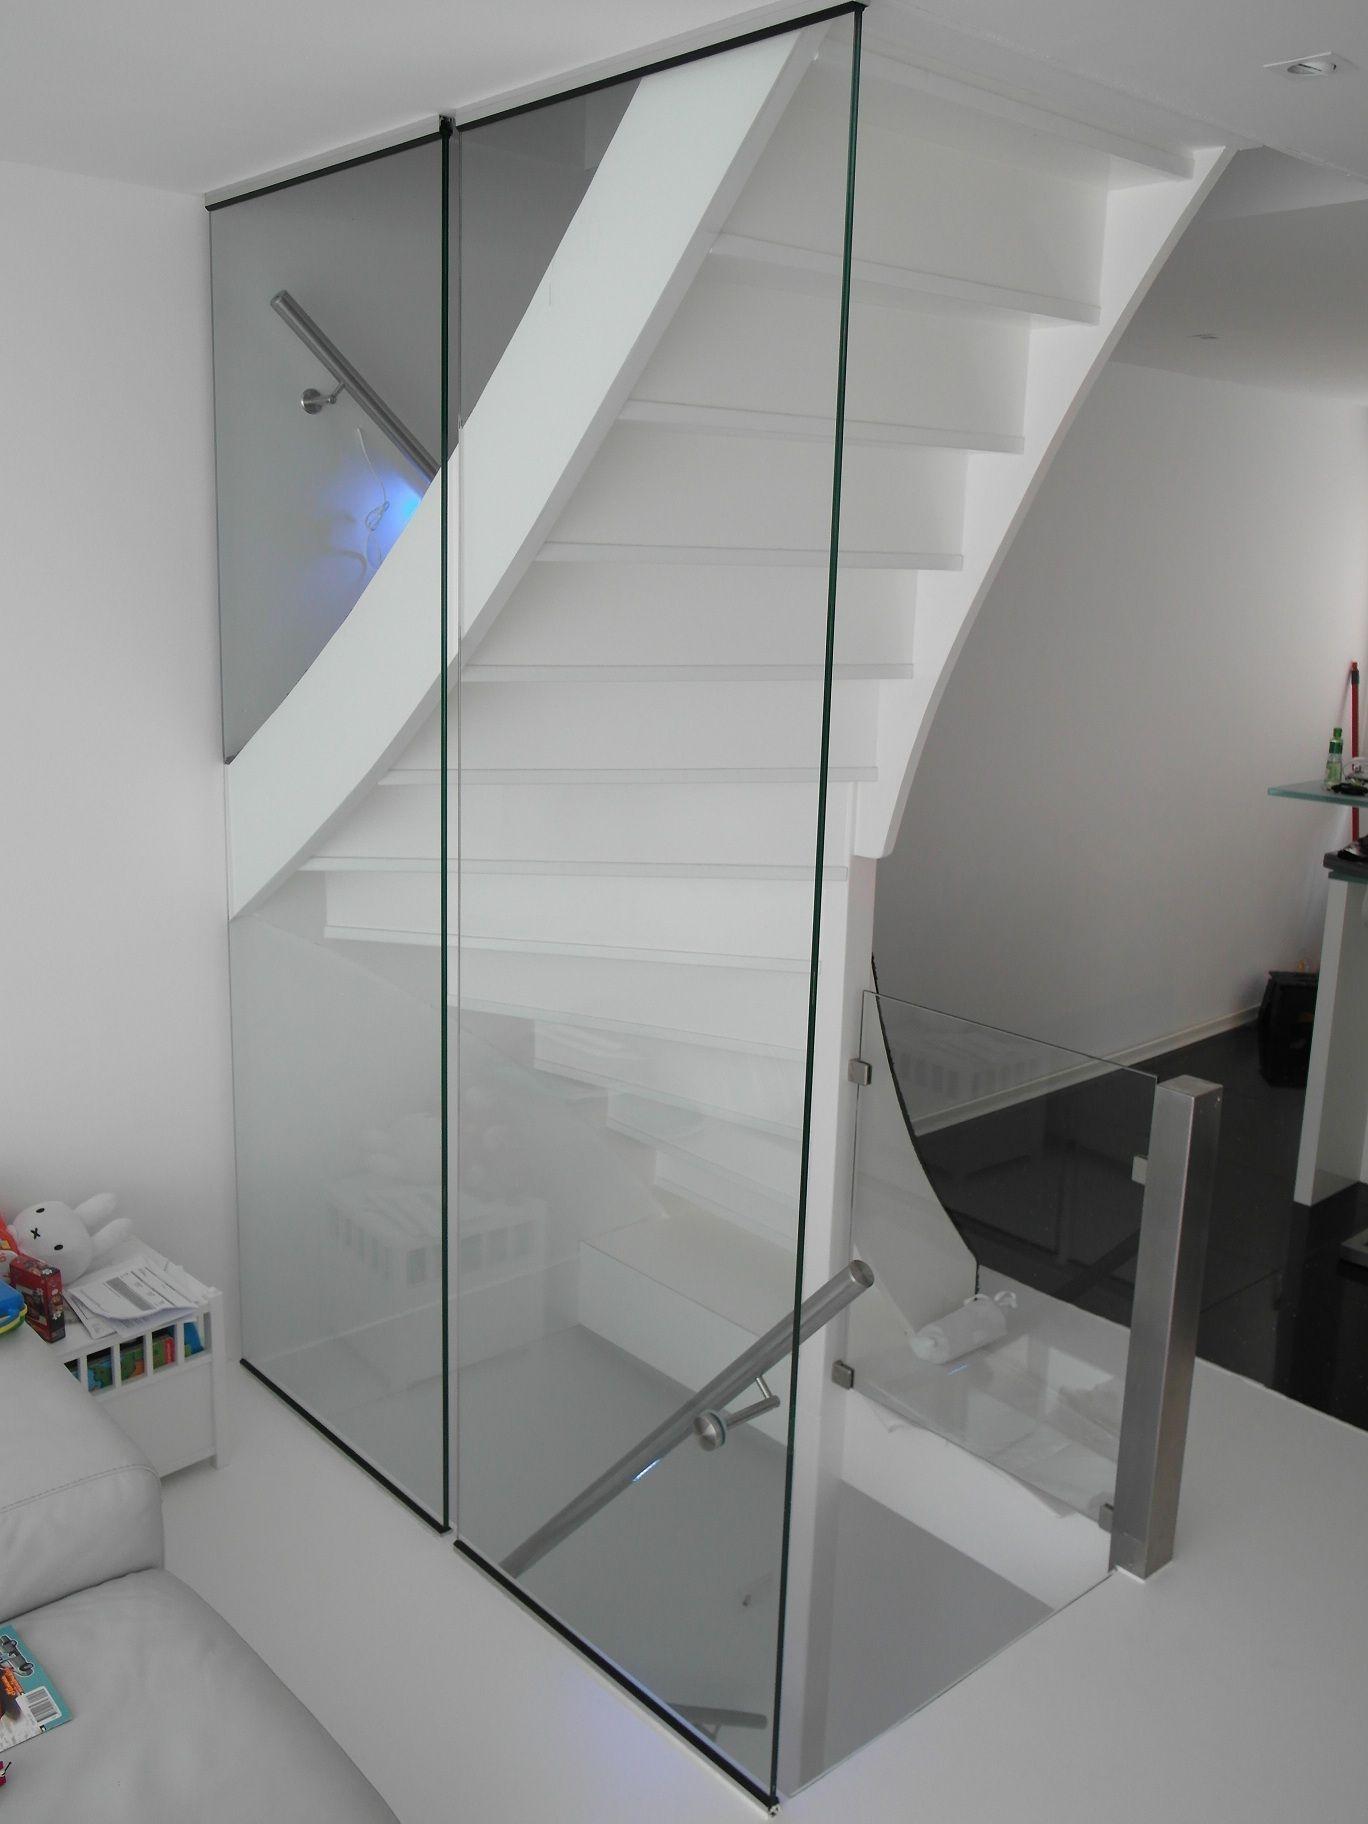 leuning met led verlichting gemonteerd tegen een glazen wand lumigrip trapleuningen met led. Black Bedroom Furniture Sets. Home Design Ideas